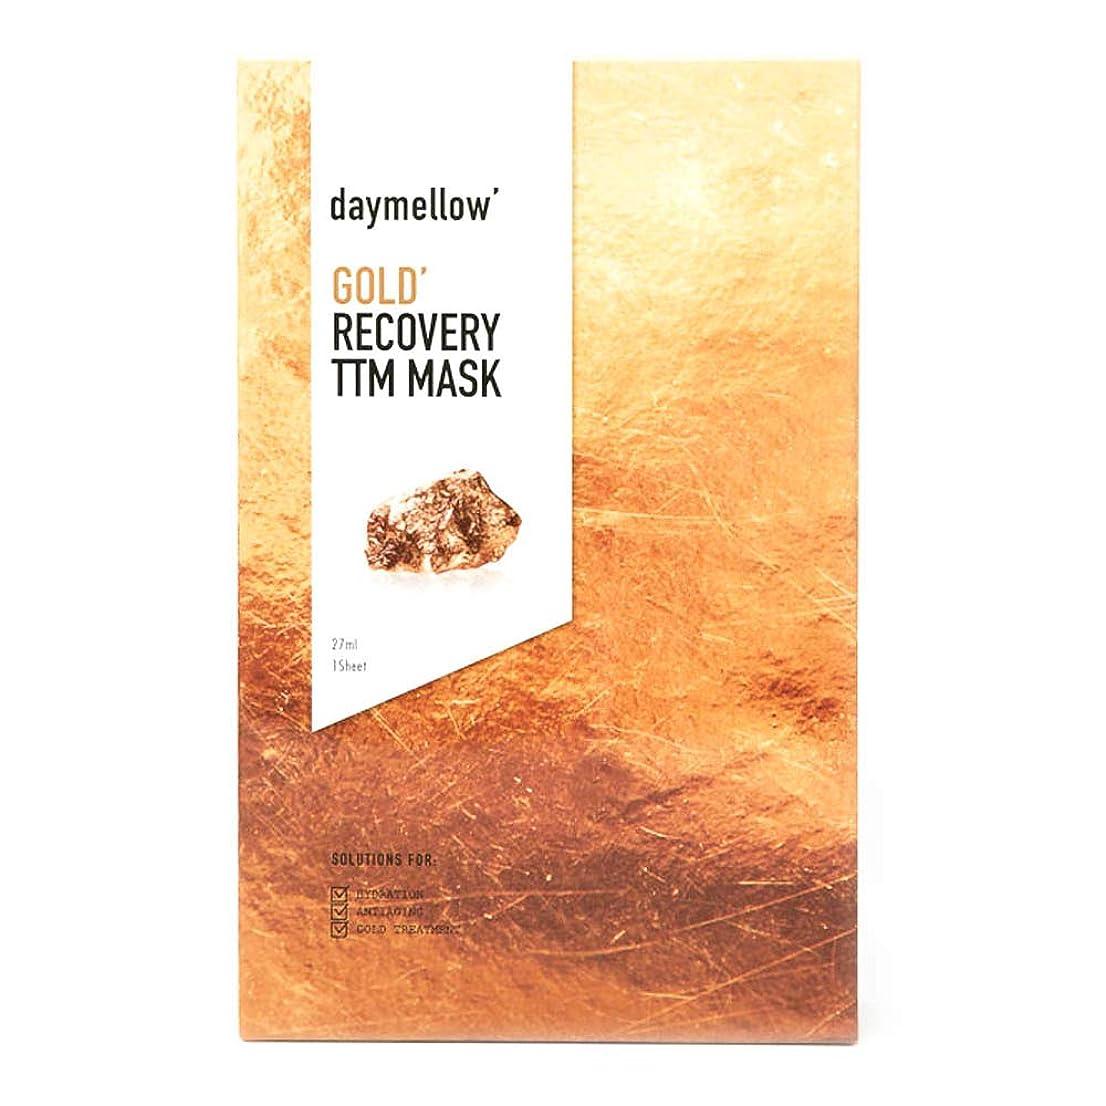 長いです連結するエンターテインメントDAYMELLOW (デイメロー) ゴールド リカバリー TTM マスク